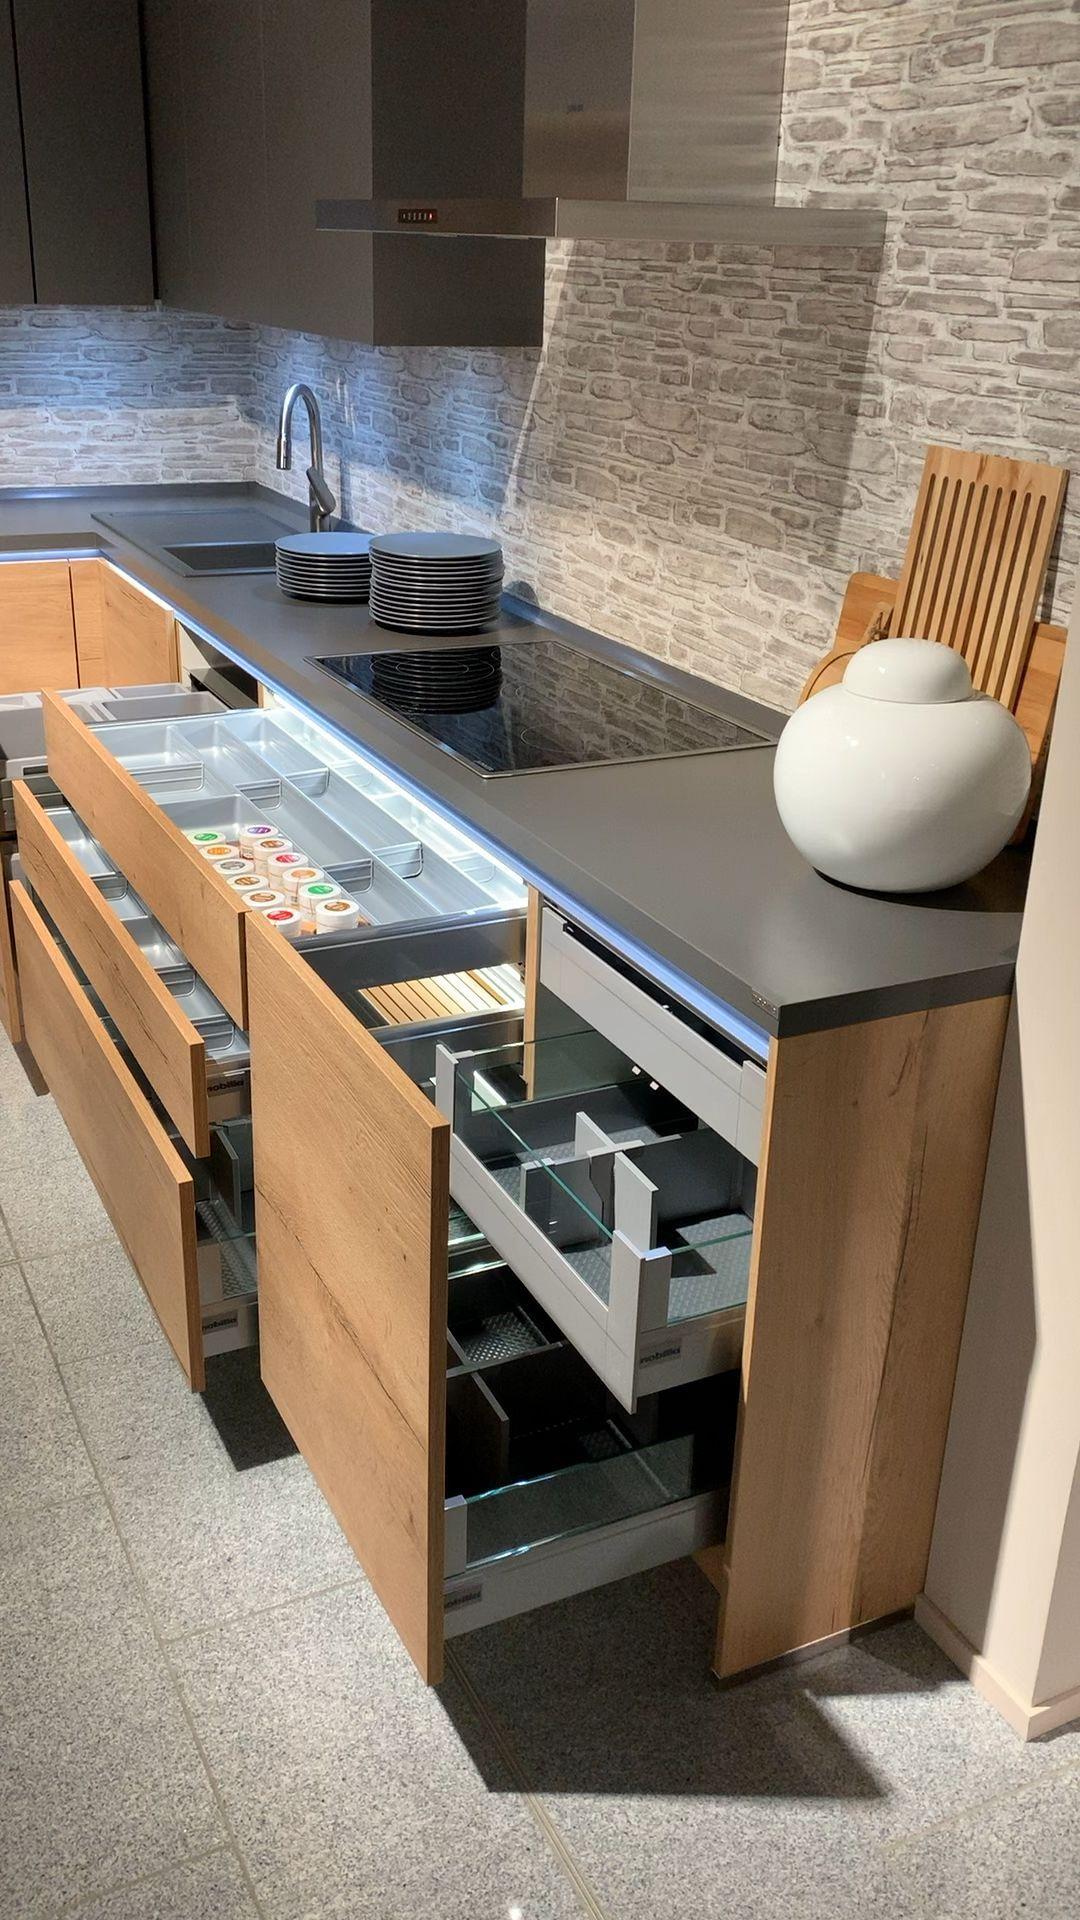 Schubkästen und Einteilungen bedroom decor diy videos Küchen ...